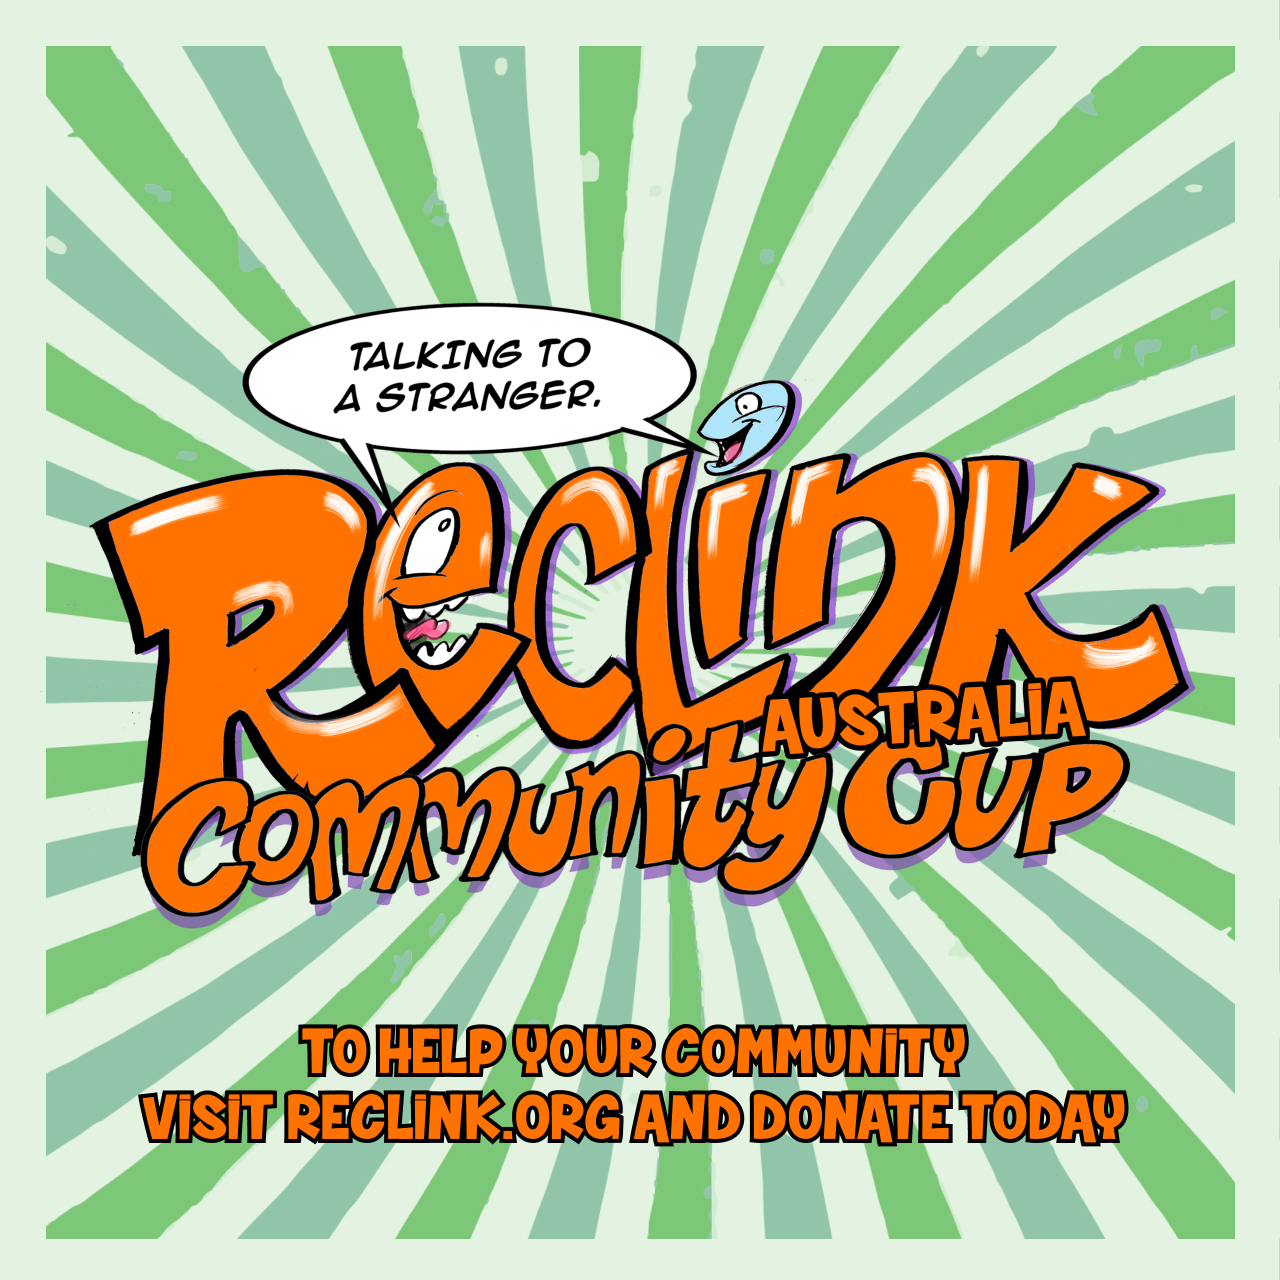 Reclink Community Cup